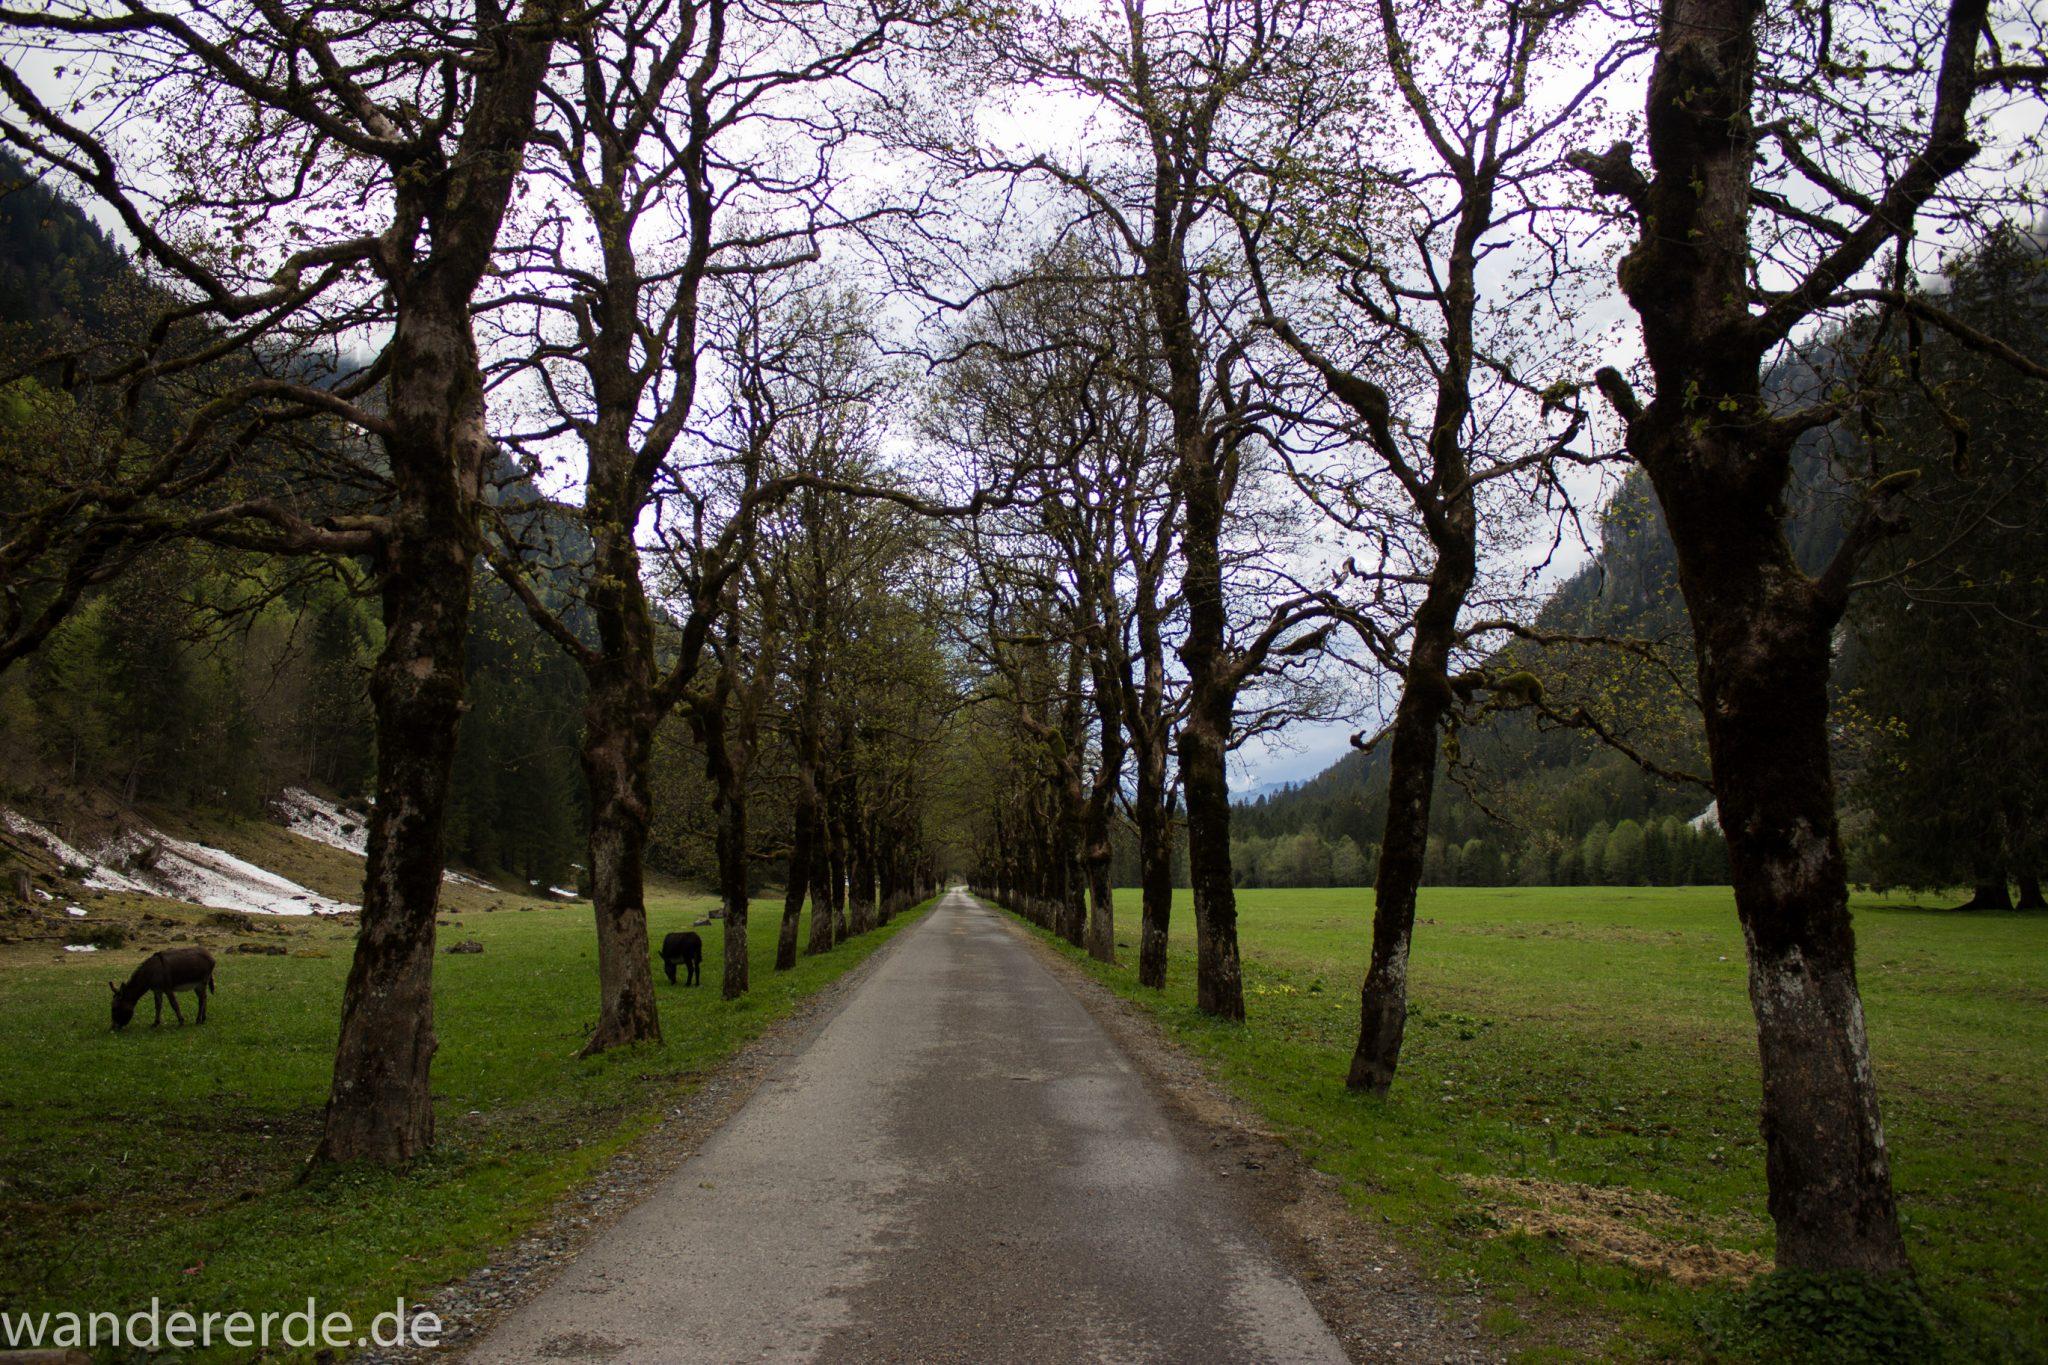 Wanderung im Oytal bei Oberstdorf im Allgäu, Bayern, schöner dichter und grüner Wald  im Oytal, Wanderweg leider Asphalt, aber die Umgebung entschädigt, Allee aus Bäumen, sehr schöne Atmosphäre